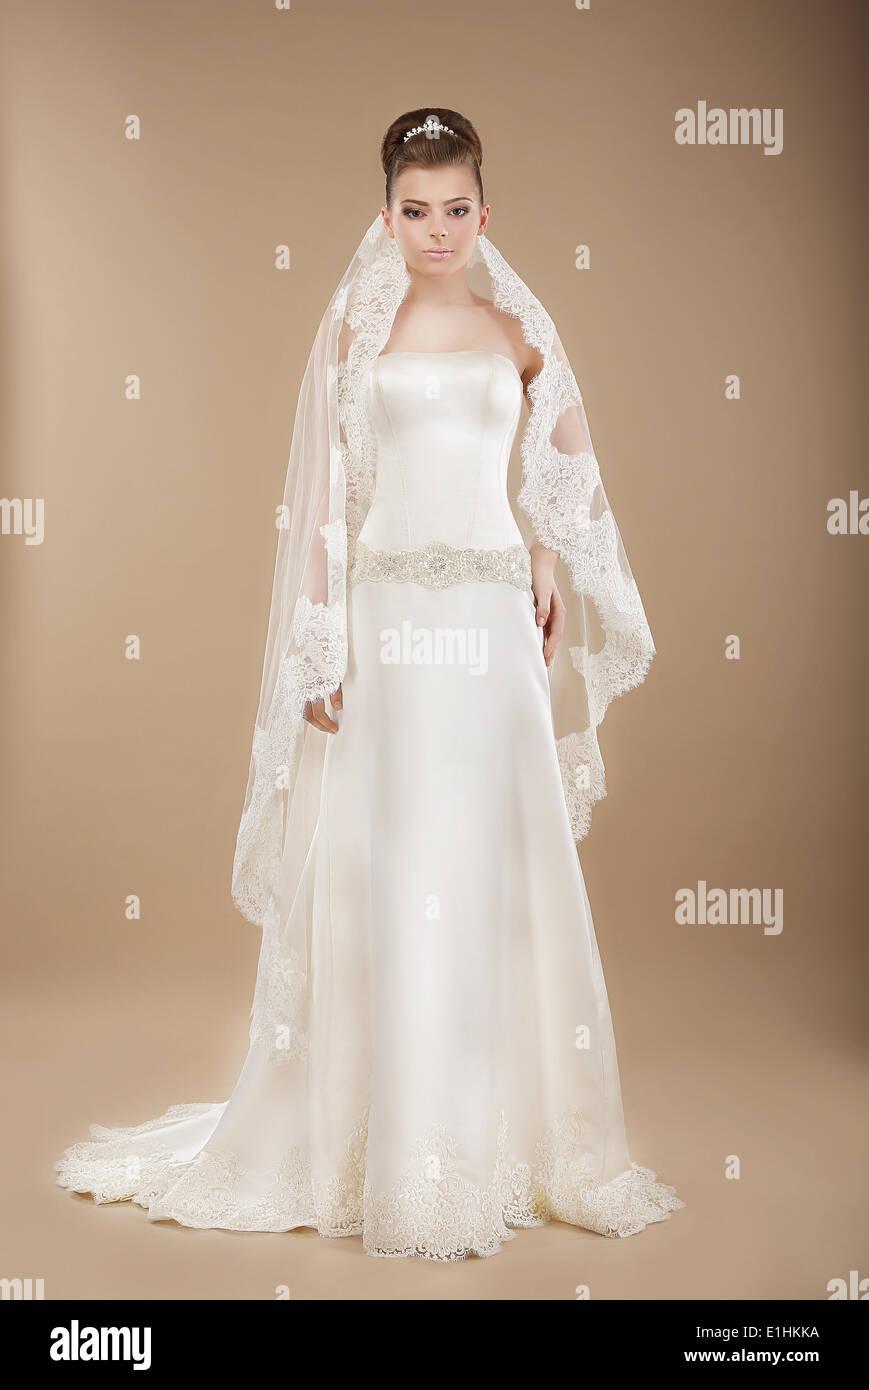 Junge Braut Im Lacy Hochzeitskleid Auf Braunem Hintergrund